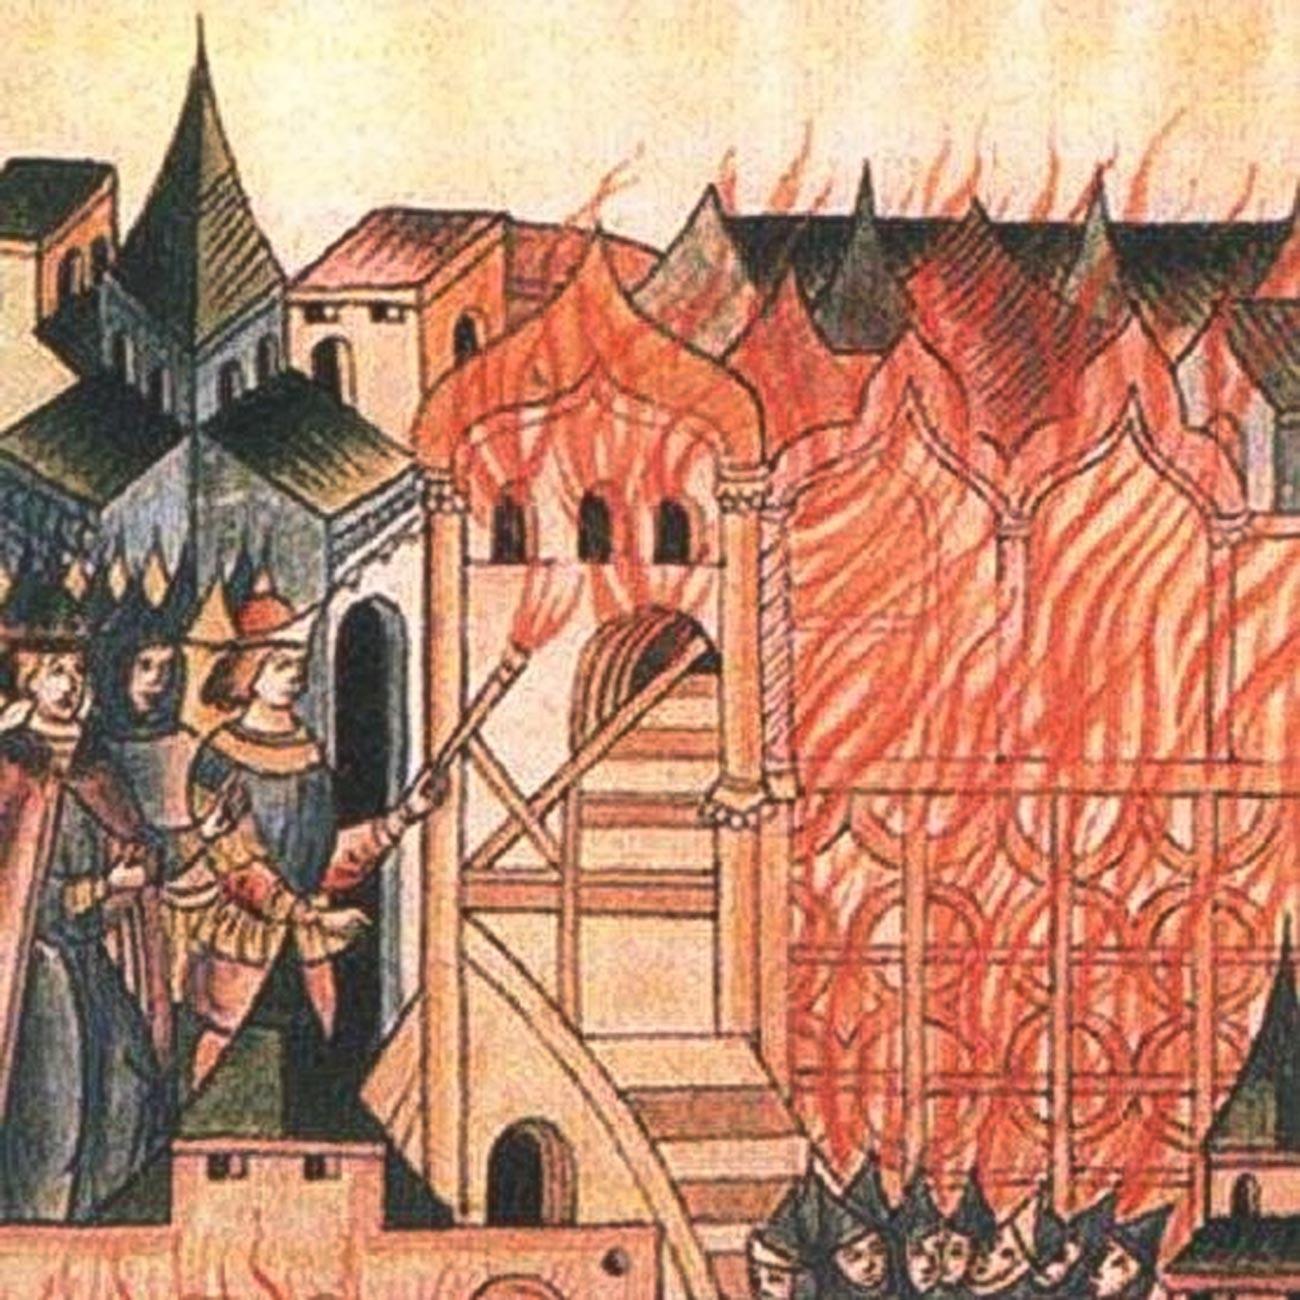 A revolta de Tver em 1328 de acordo com crônica russa do século 16.